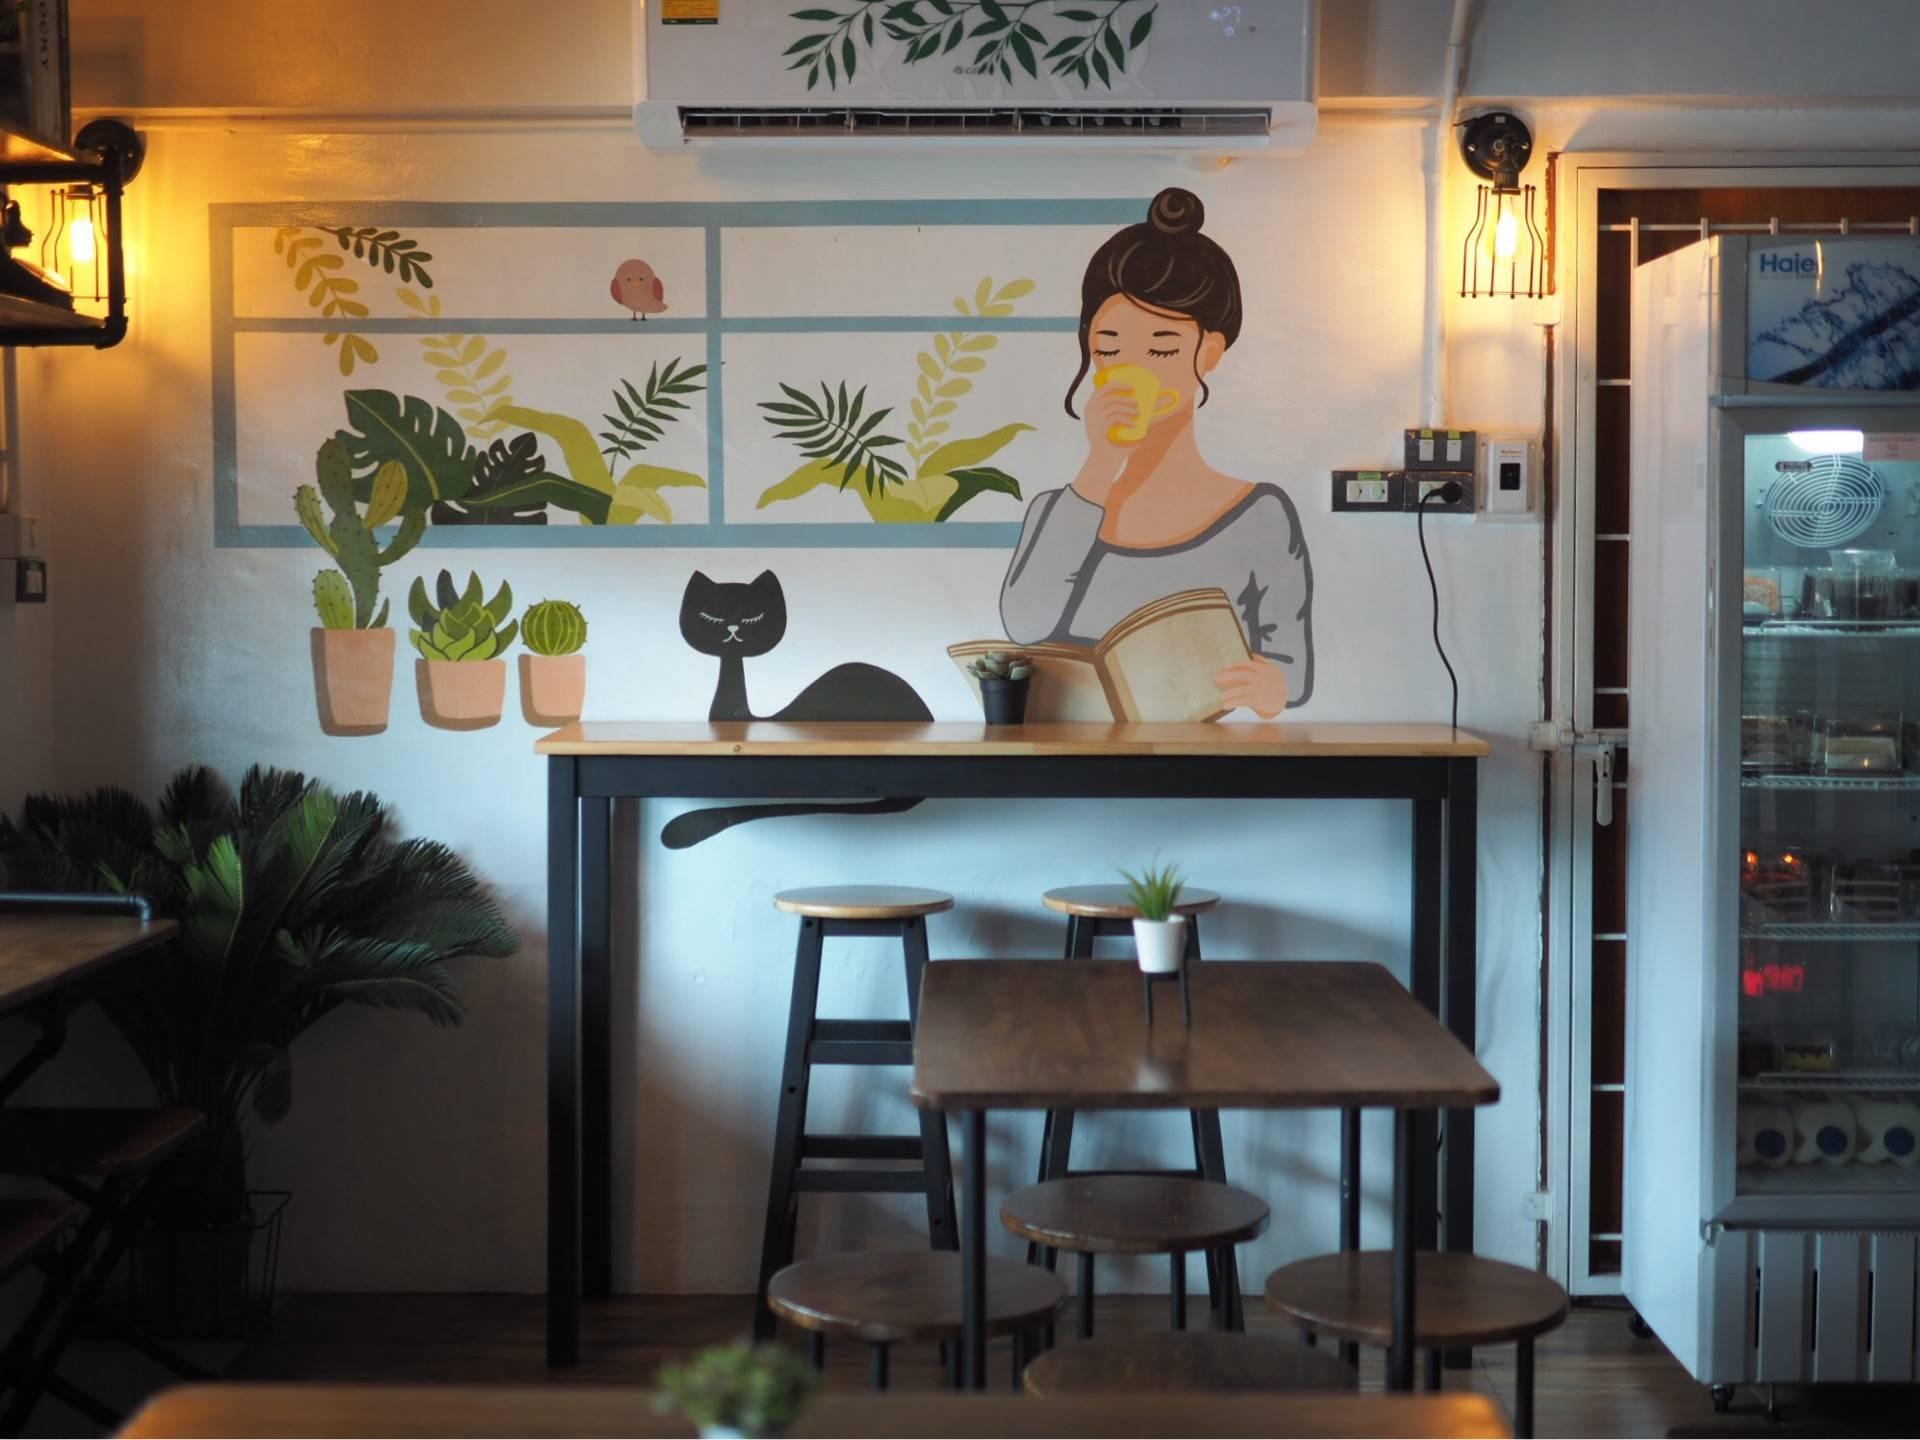 THUR'S DAY Fox Cafe